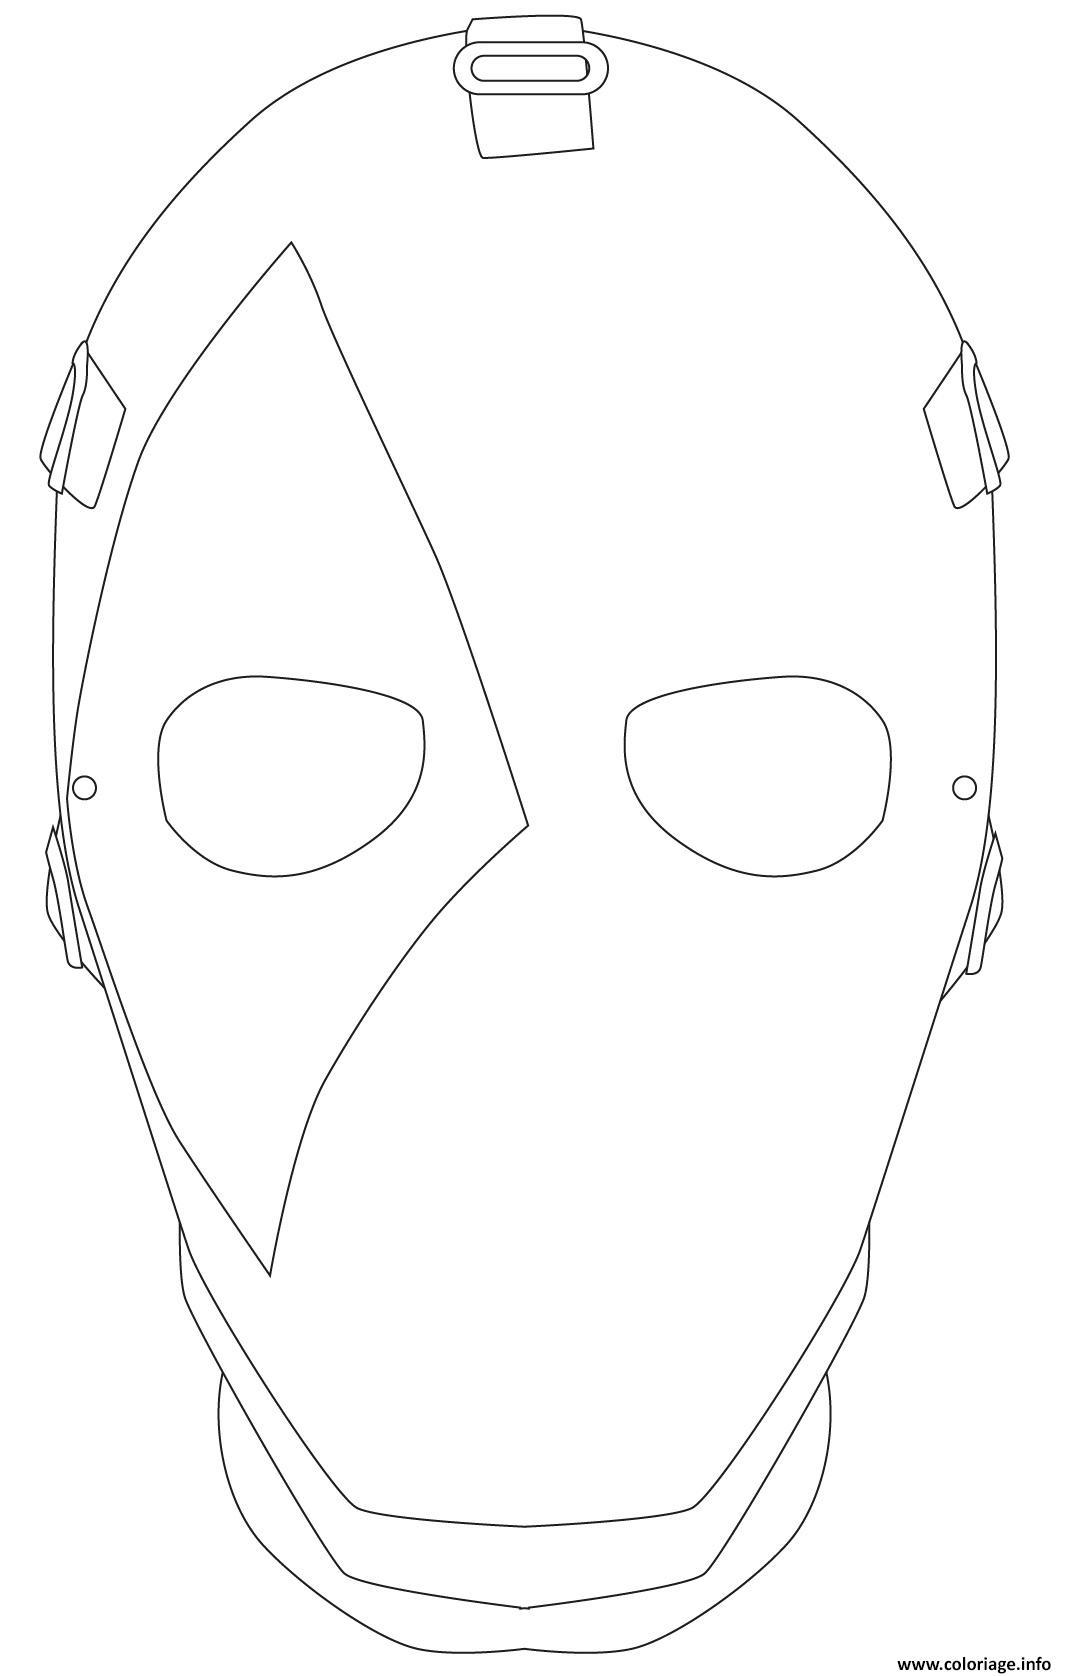 Coloriage Masque Fortnite Joker Carreau Colorier Dessin destiné Masque Papillon À Imprimer